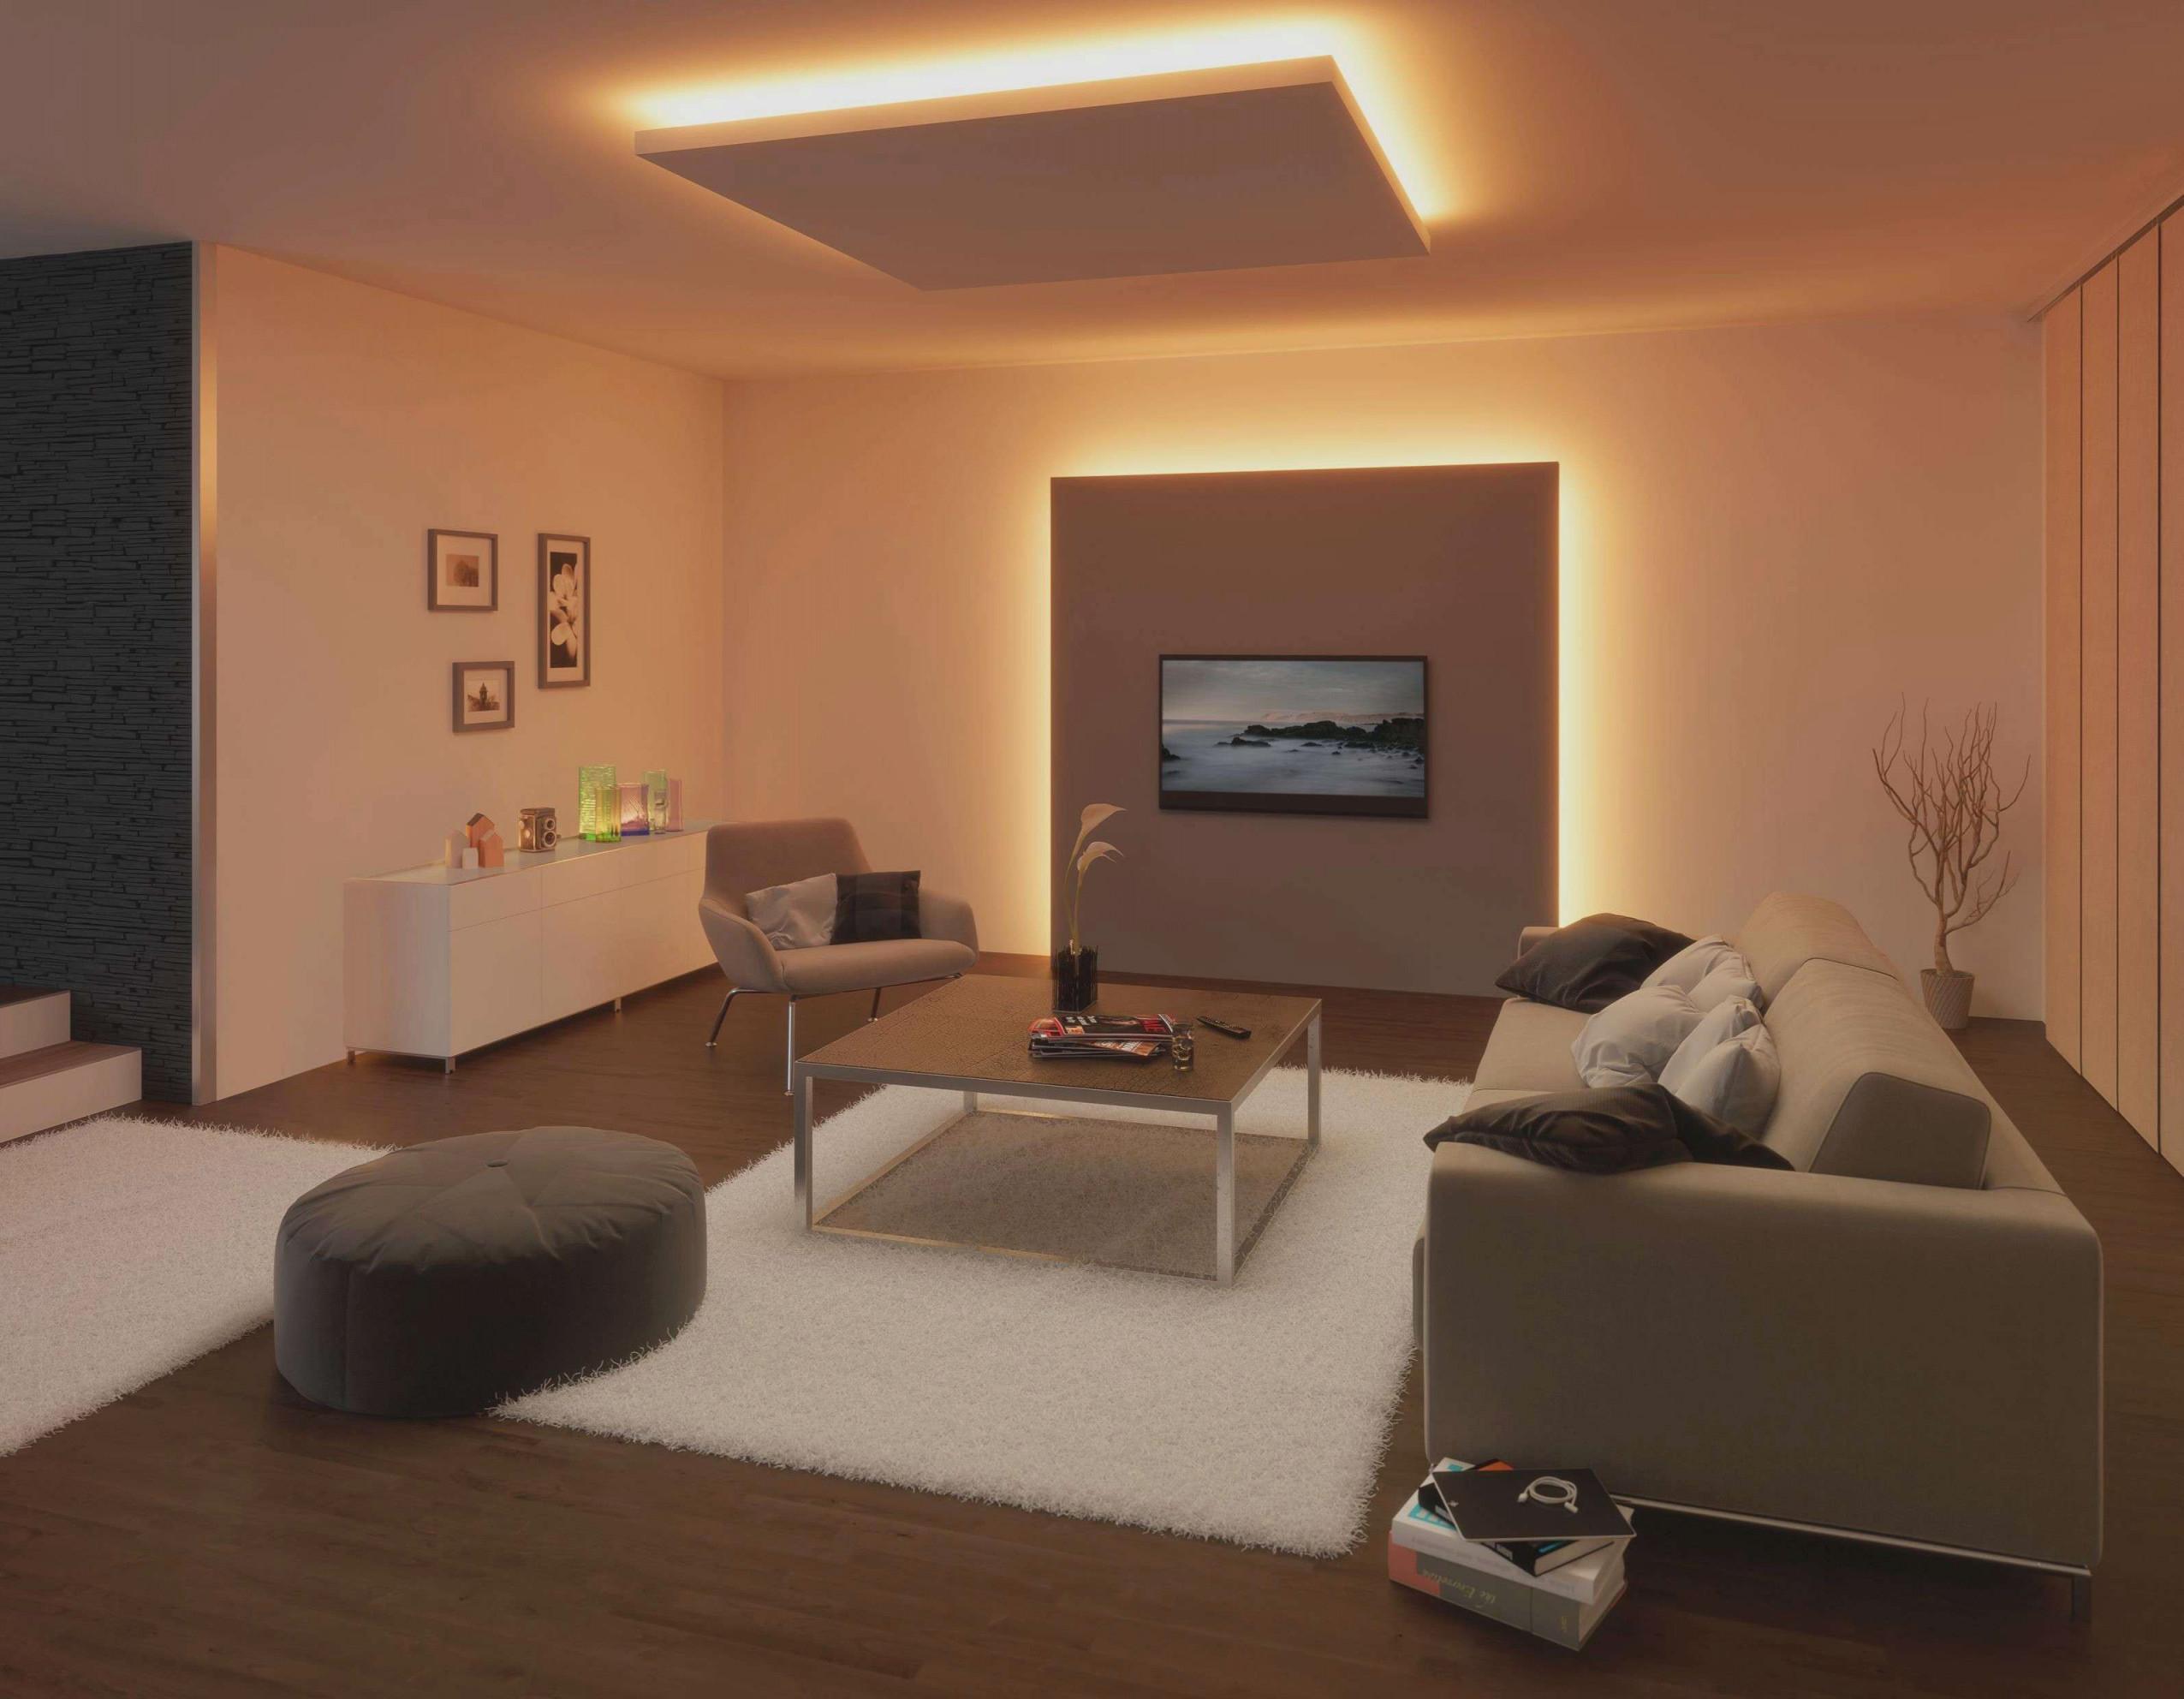 Inspiration Von 20 Qm Wohnzimmer Einrichten von Wohnzimmer 20 Qm Einrichten Photo